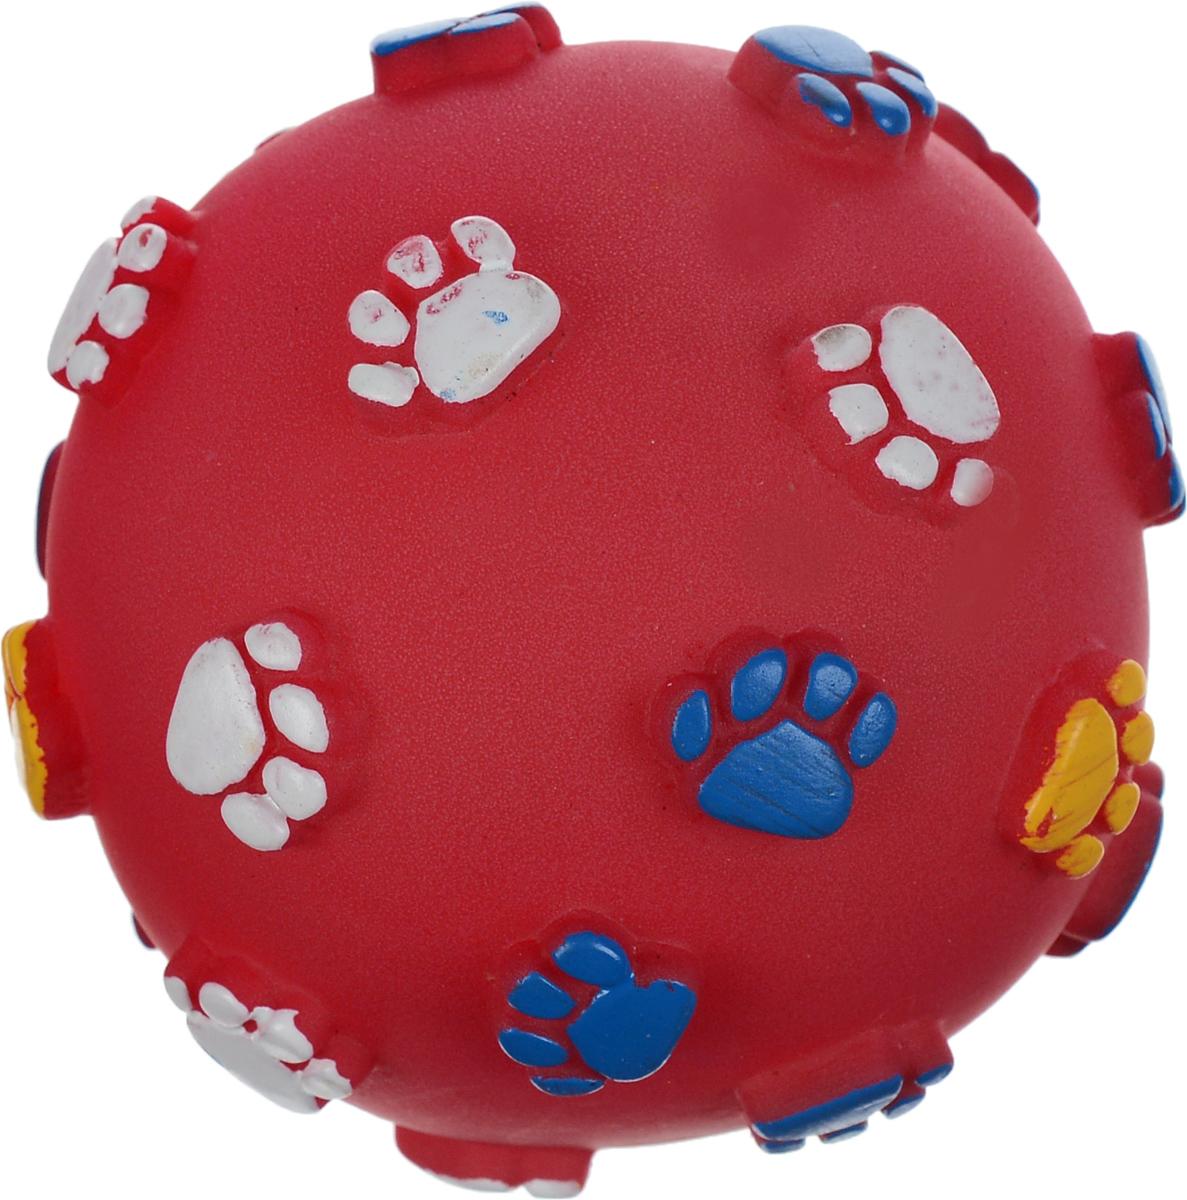 Игрушка для животных Каскад Мяч. Лапки, с пищалкой, цвет: красный, синий, желтый, диаметр 9 см27754623_красныйИгрушка Каскад Мяч. Лапки изготовлена из прочной и долговечной резины, которая устойчива к разгрызанию. Необычная и забавная игрушка прекрасно подойдет для собак, любящих игрушки с пищалками. Диаметр: 9 см.